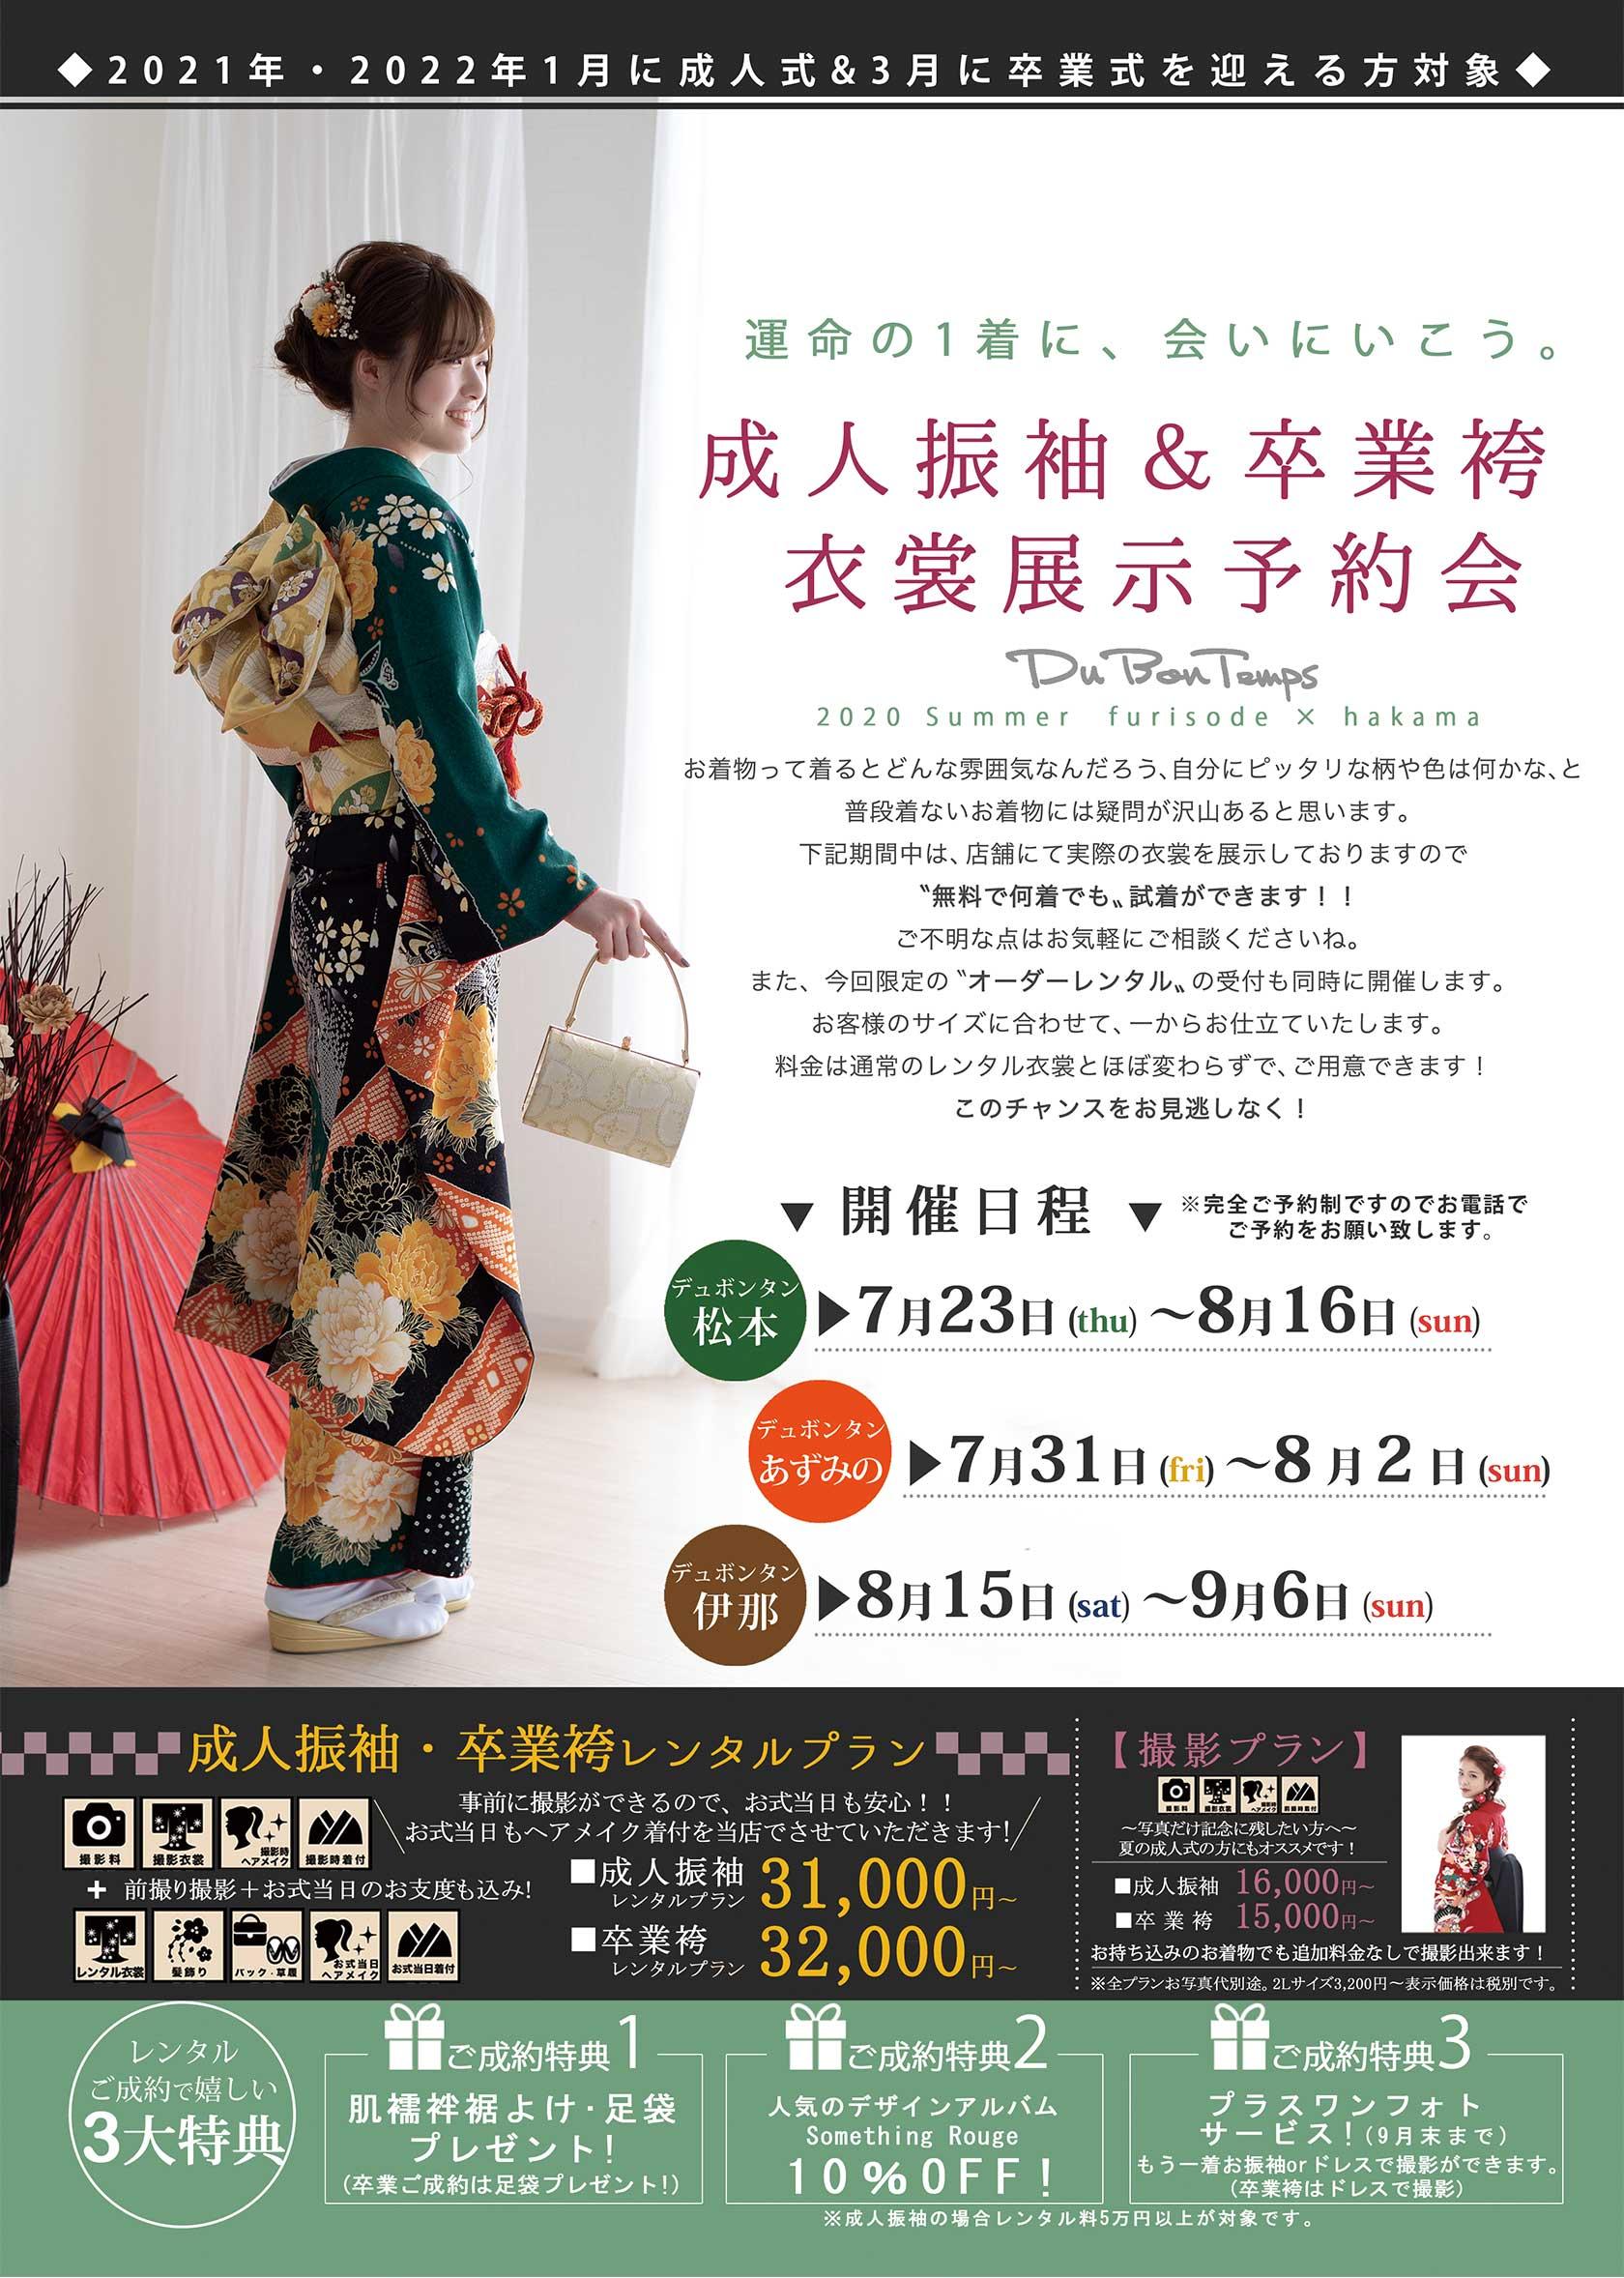 デュボンタン デュボンタン 成人振袖×卒業袴 衣裳展示予約会 7~9月開催